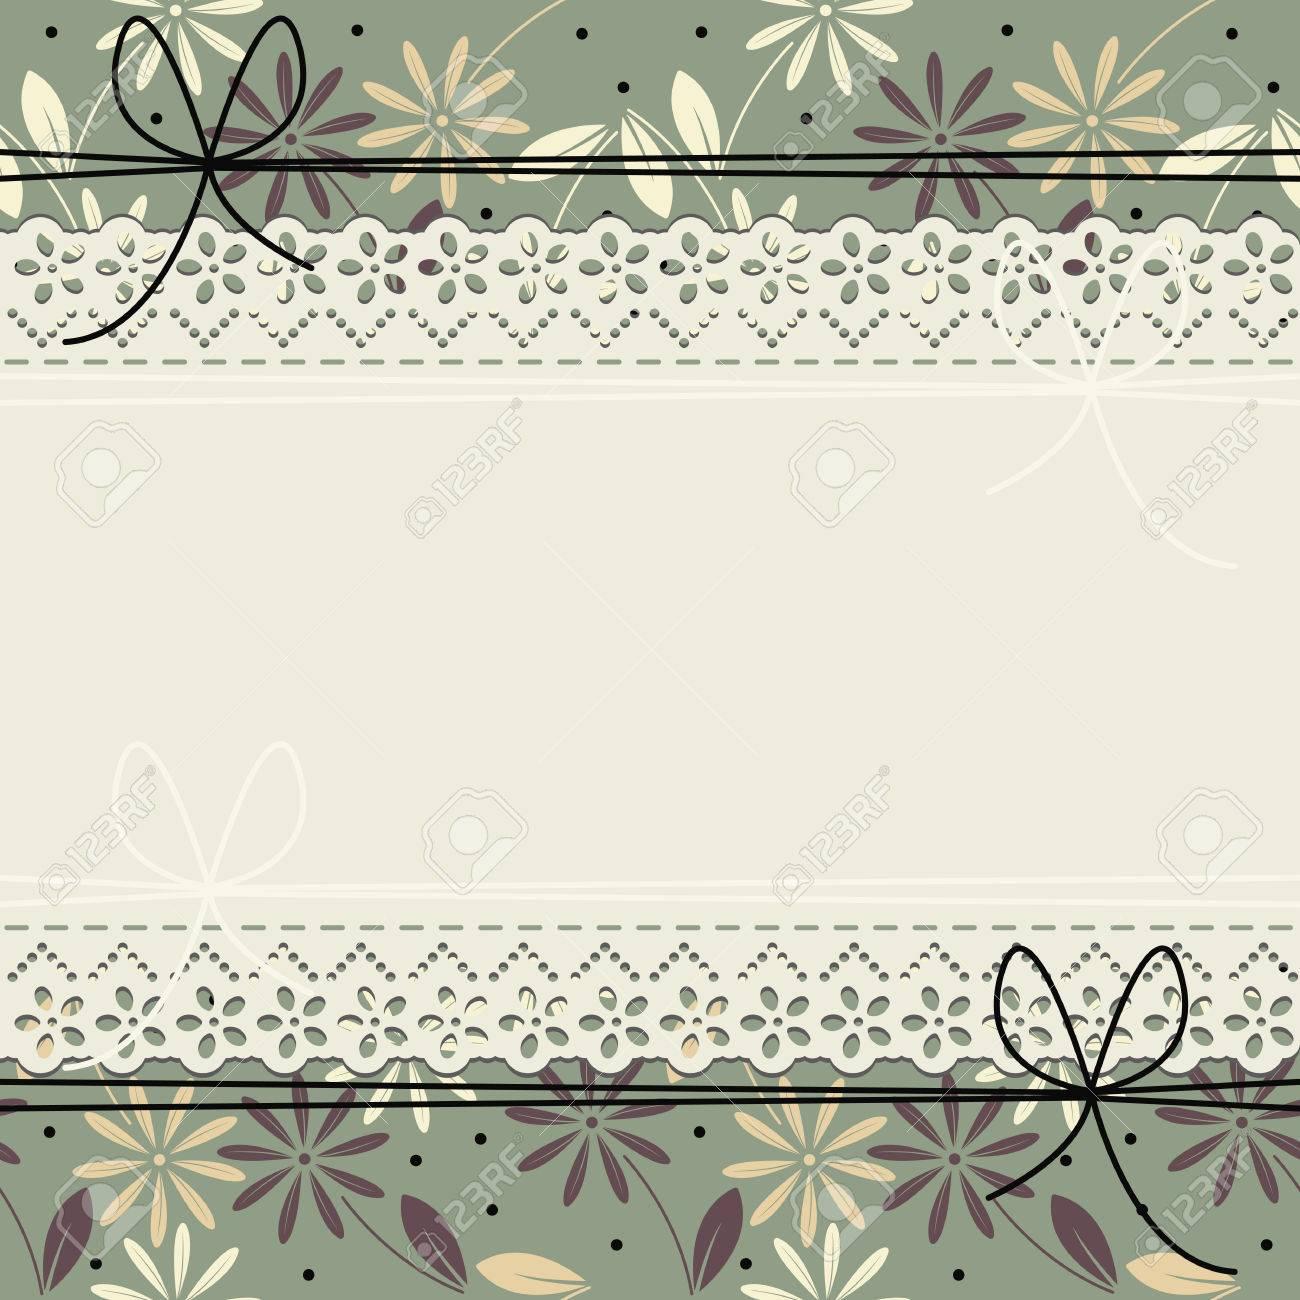 Tarjeta De Felicitación Elegante Con Flores Marco Del Cordón Y De La ...